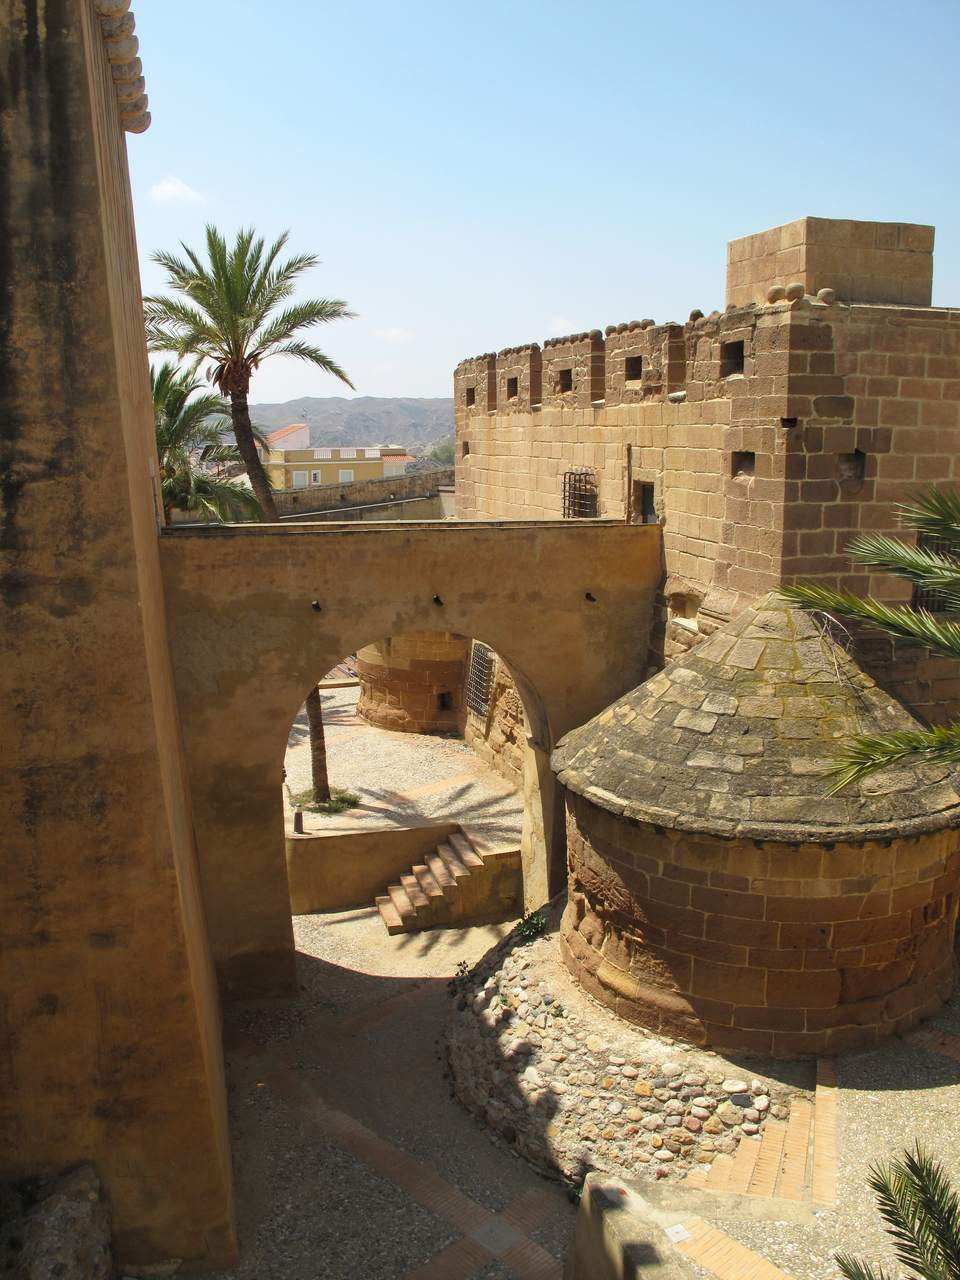 Castillo Del Marques De Los Velez in Almeria